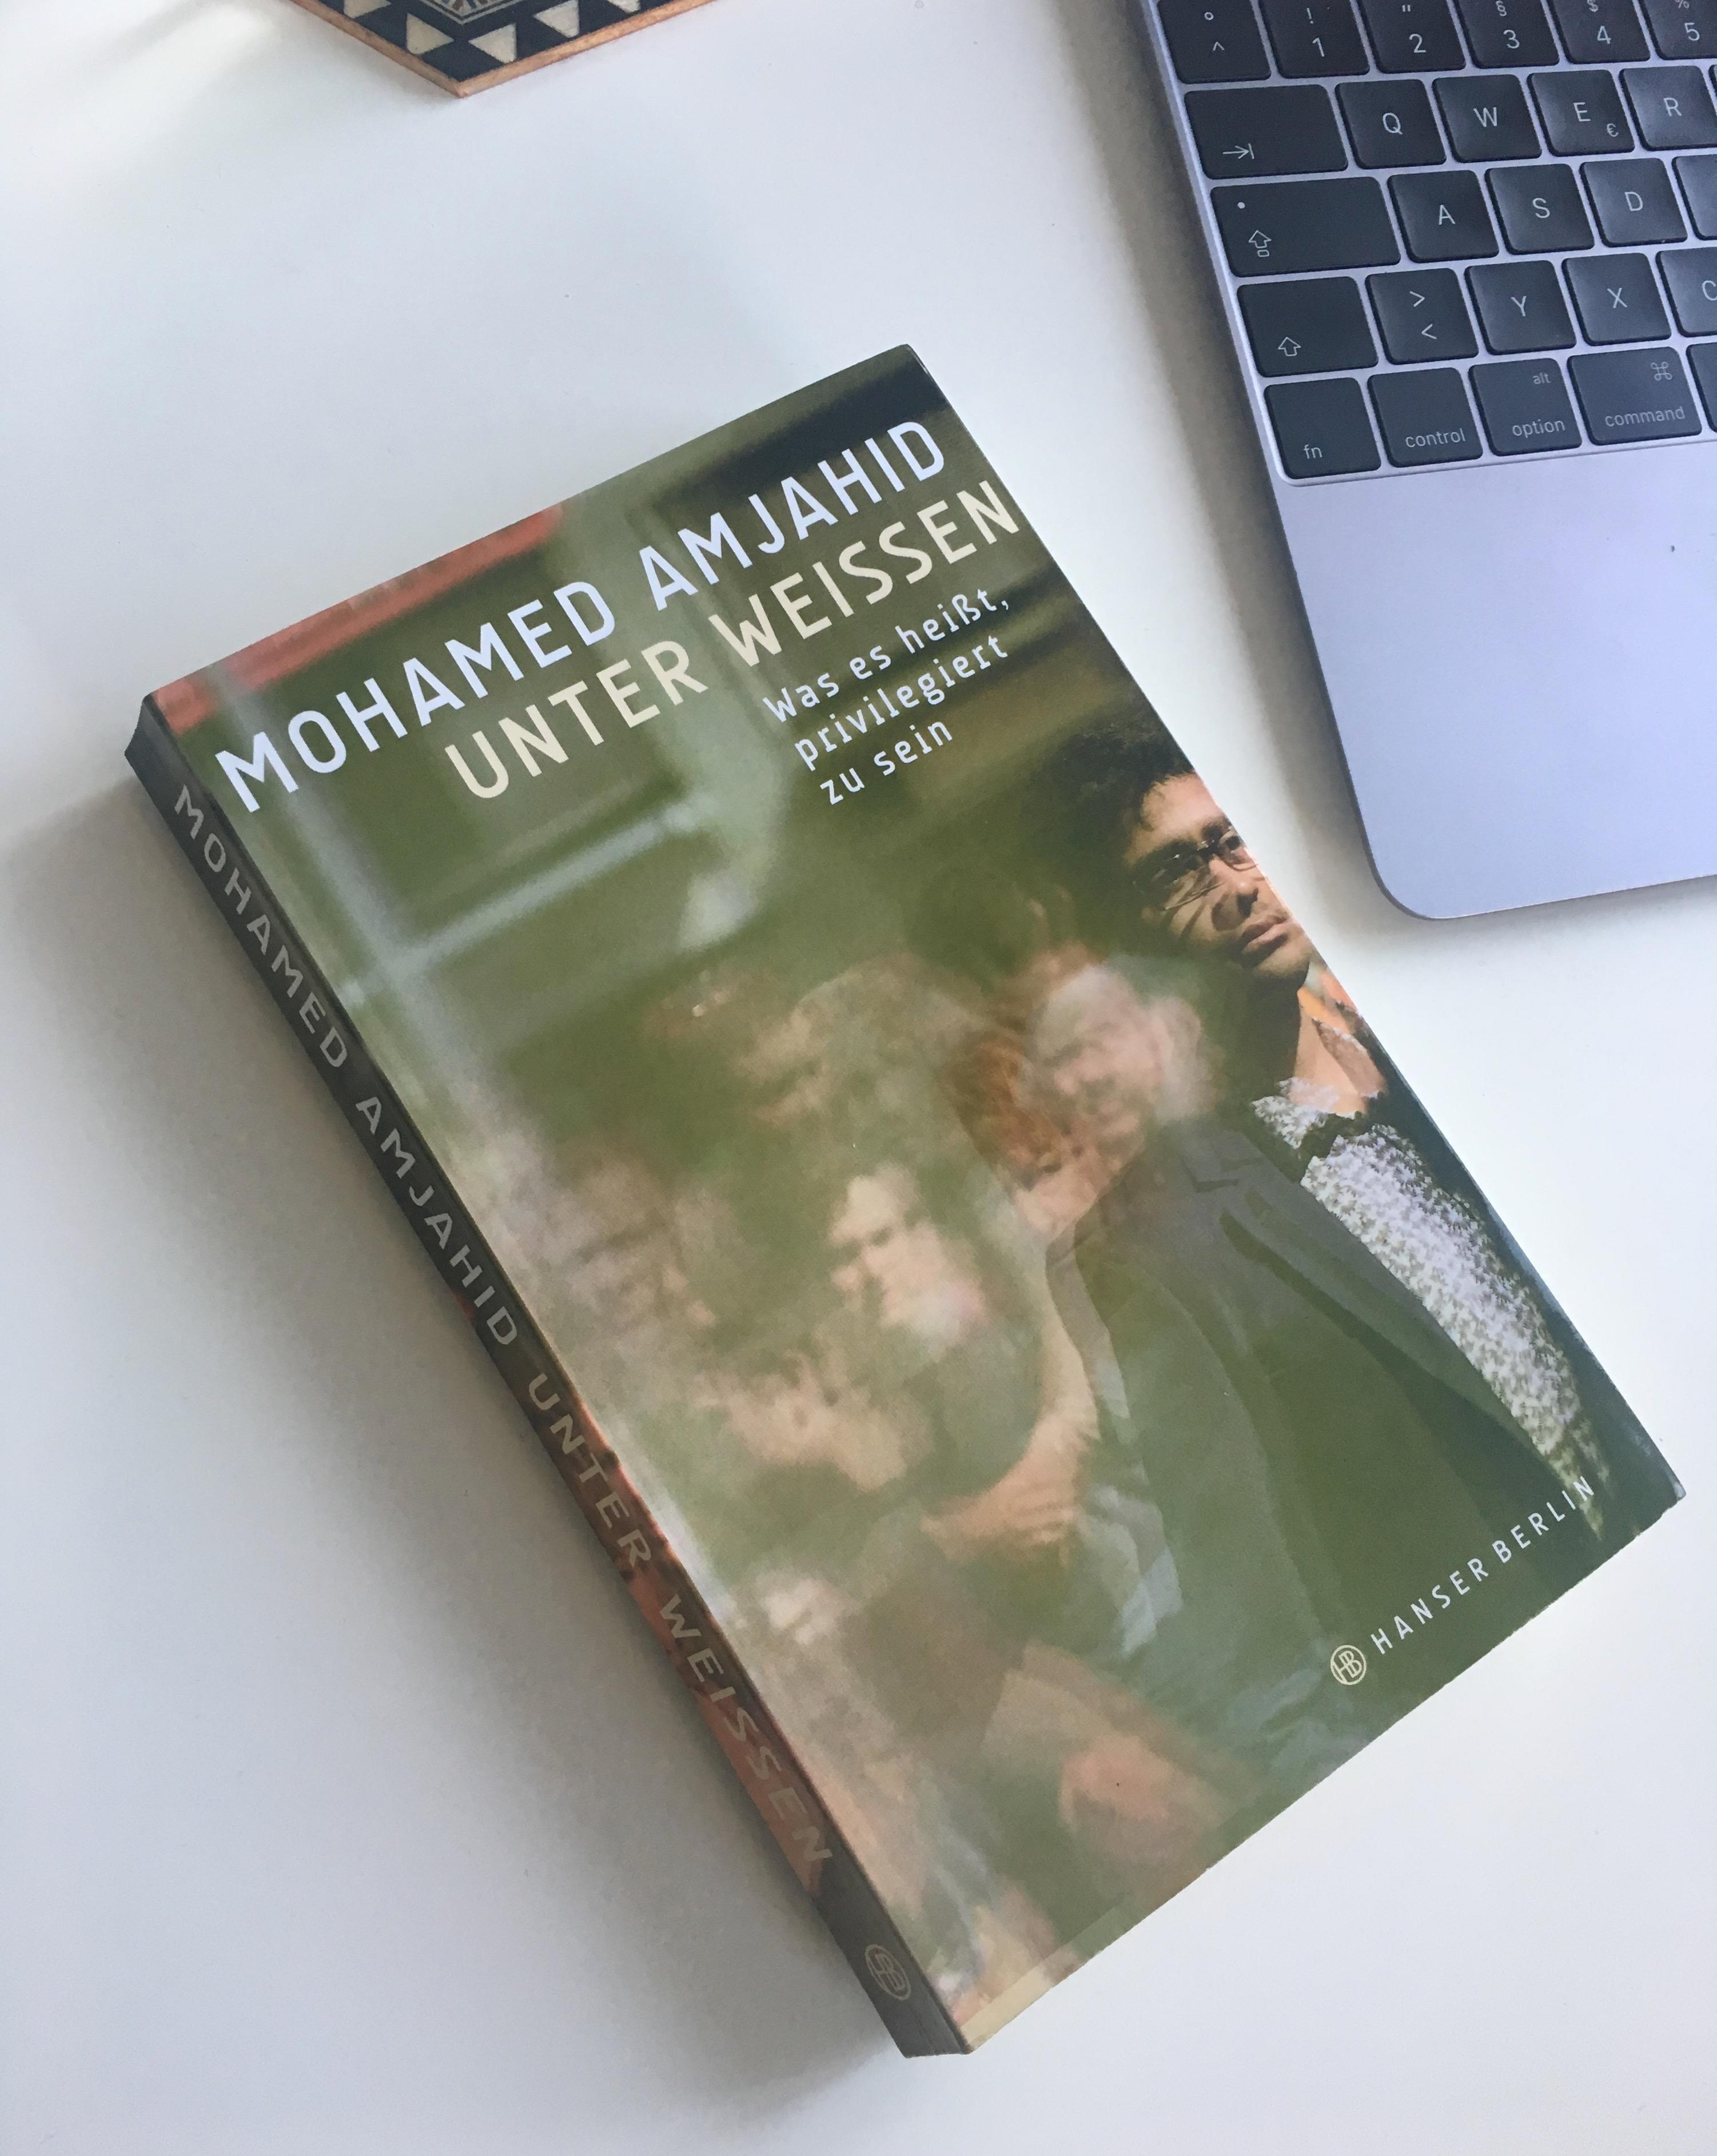 Mohamed_Amjahid_UnterWeißen_Buecher_Books